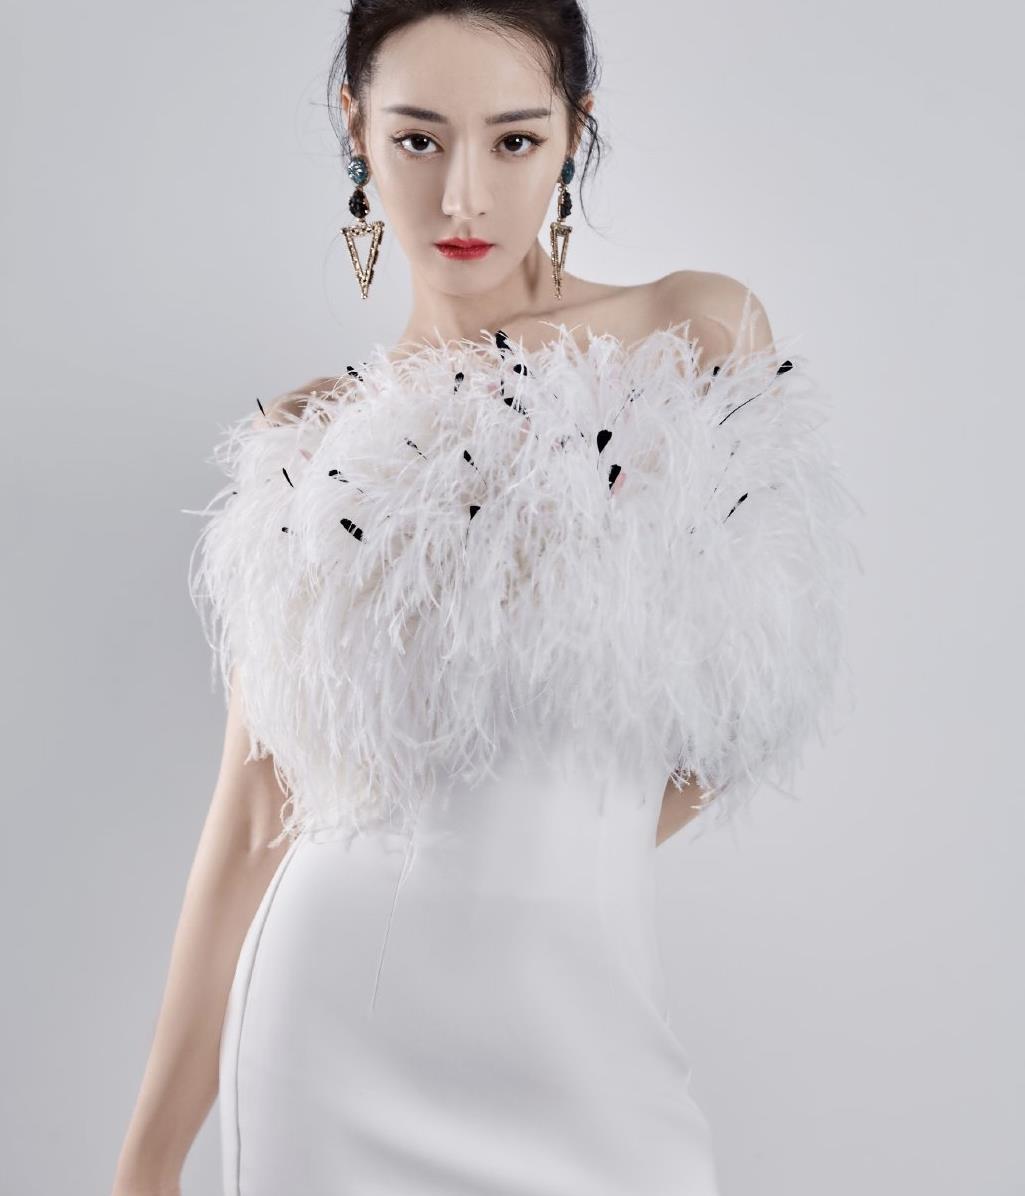 """迪丽热巴颜值太吸睛!一袭羽毛裙装勾勒完美身材,""""白天鹅""""来了"""